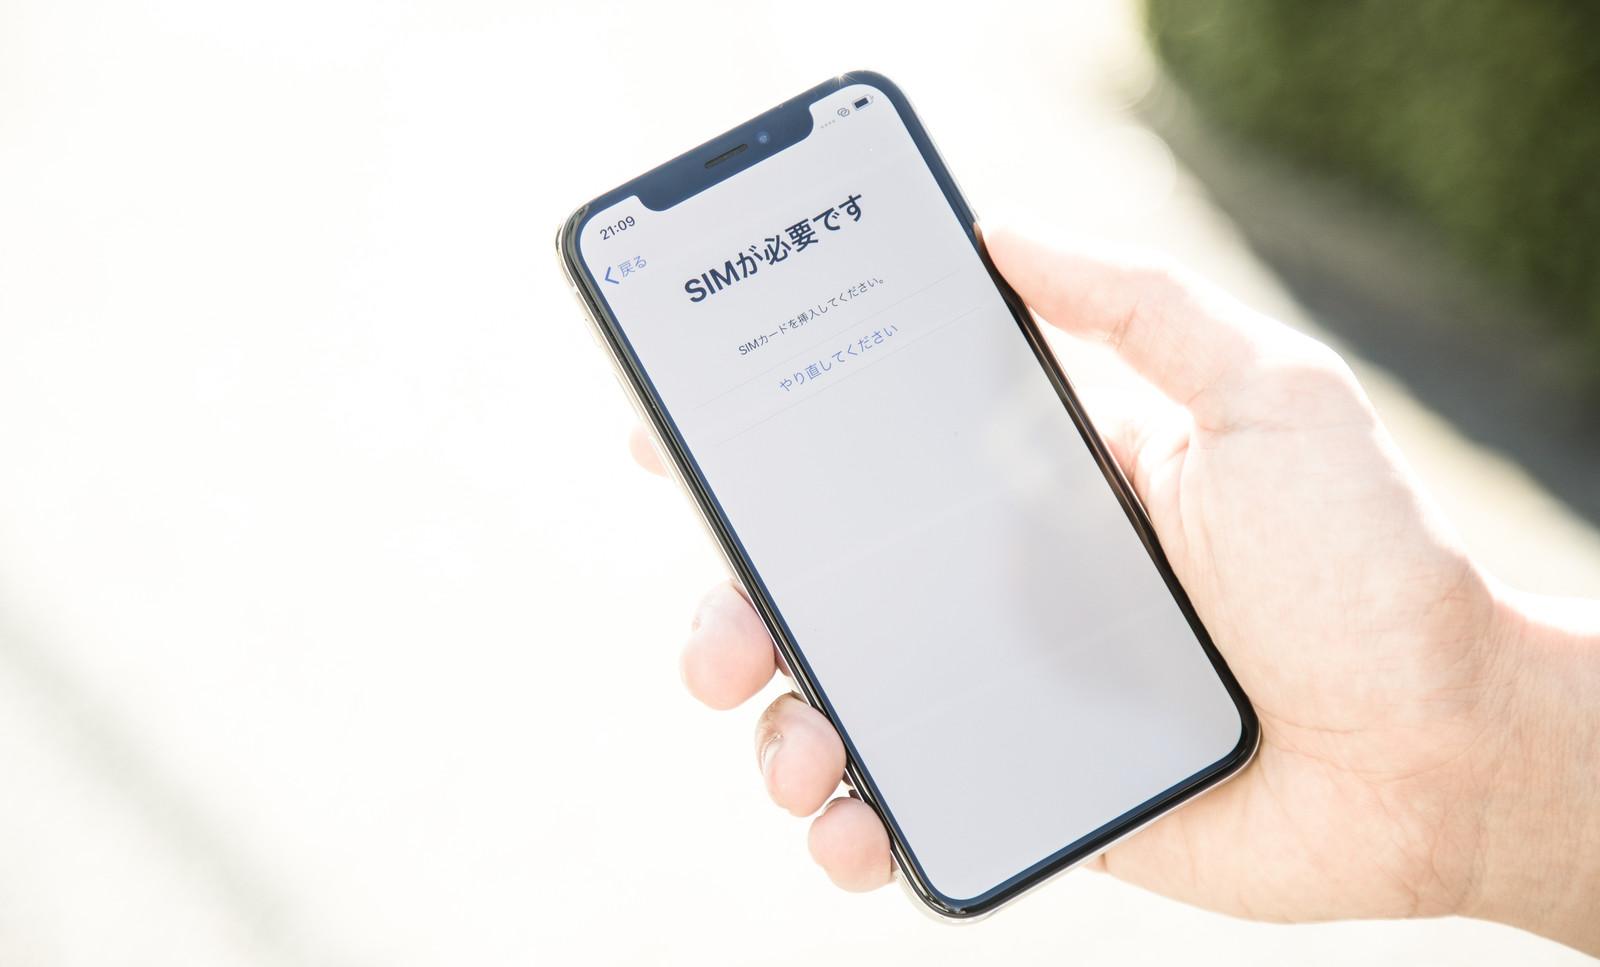 「「SIMが必要です」SIMカードを挿入してください」の写真